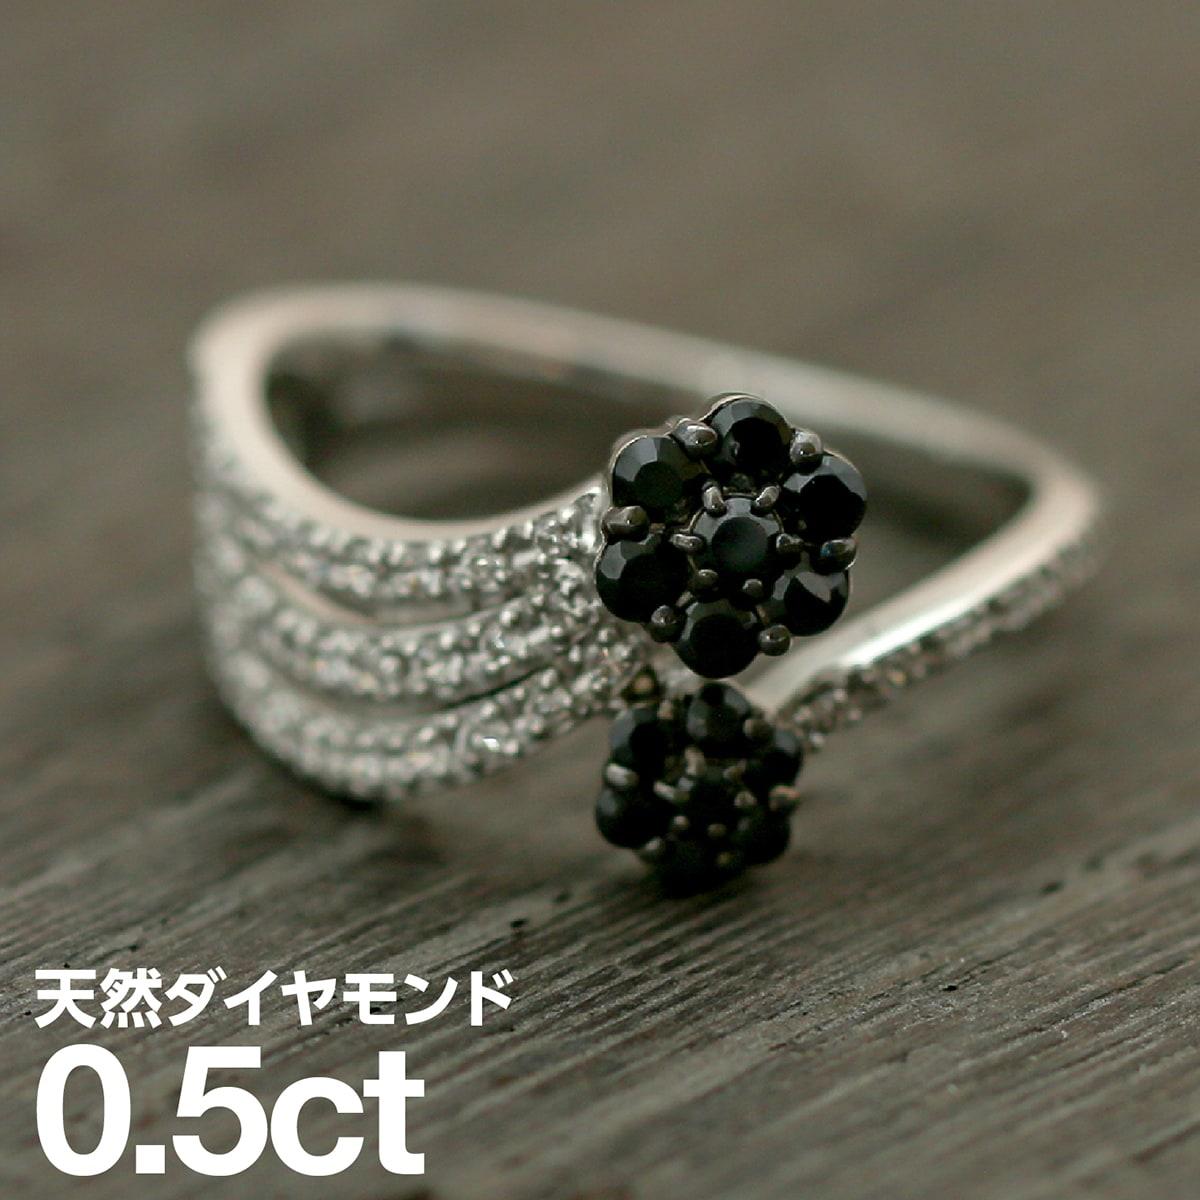 ダイヤモンド リング シルバー925 シルバーリング ファッションリング 品質保証書 金属アレルギー 日本製 誕生日 ギフト